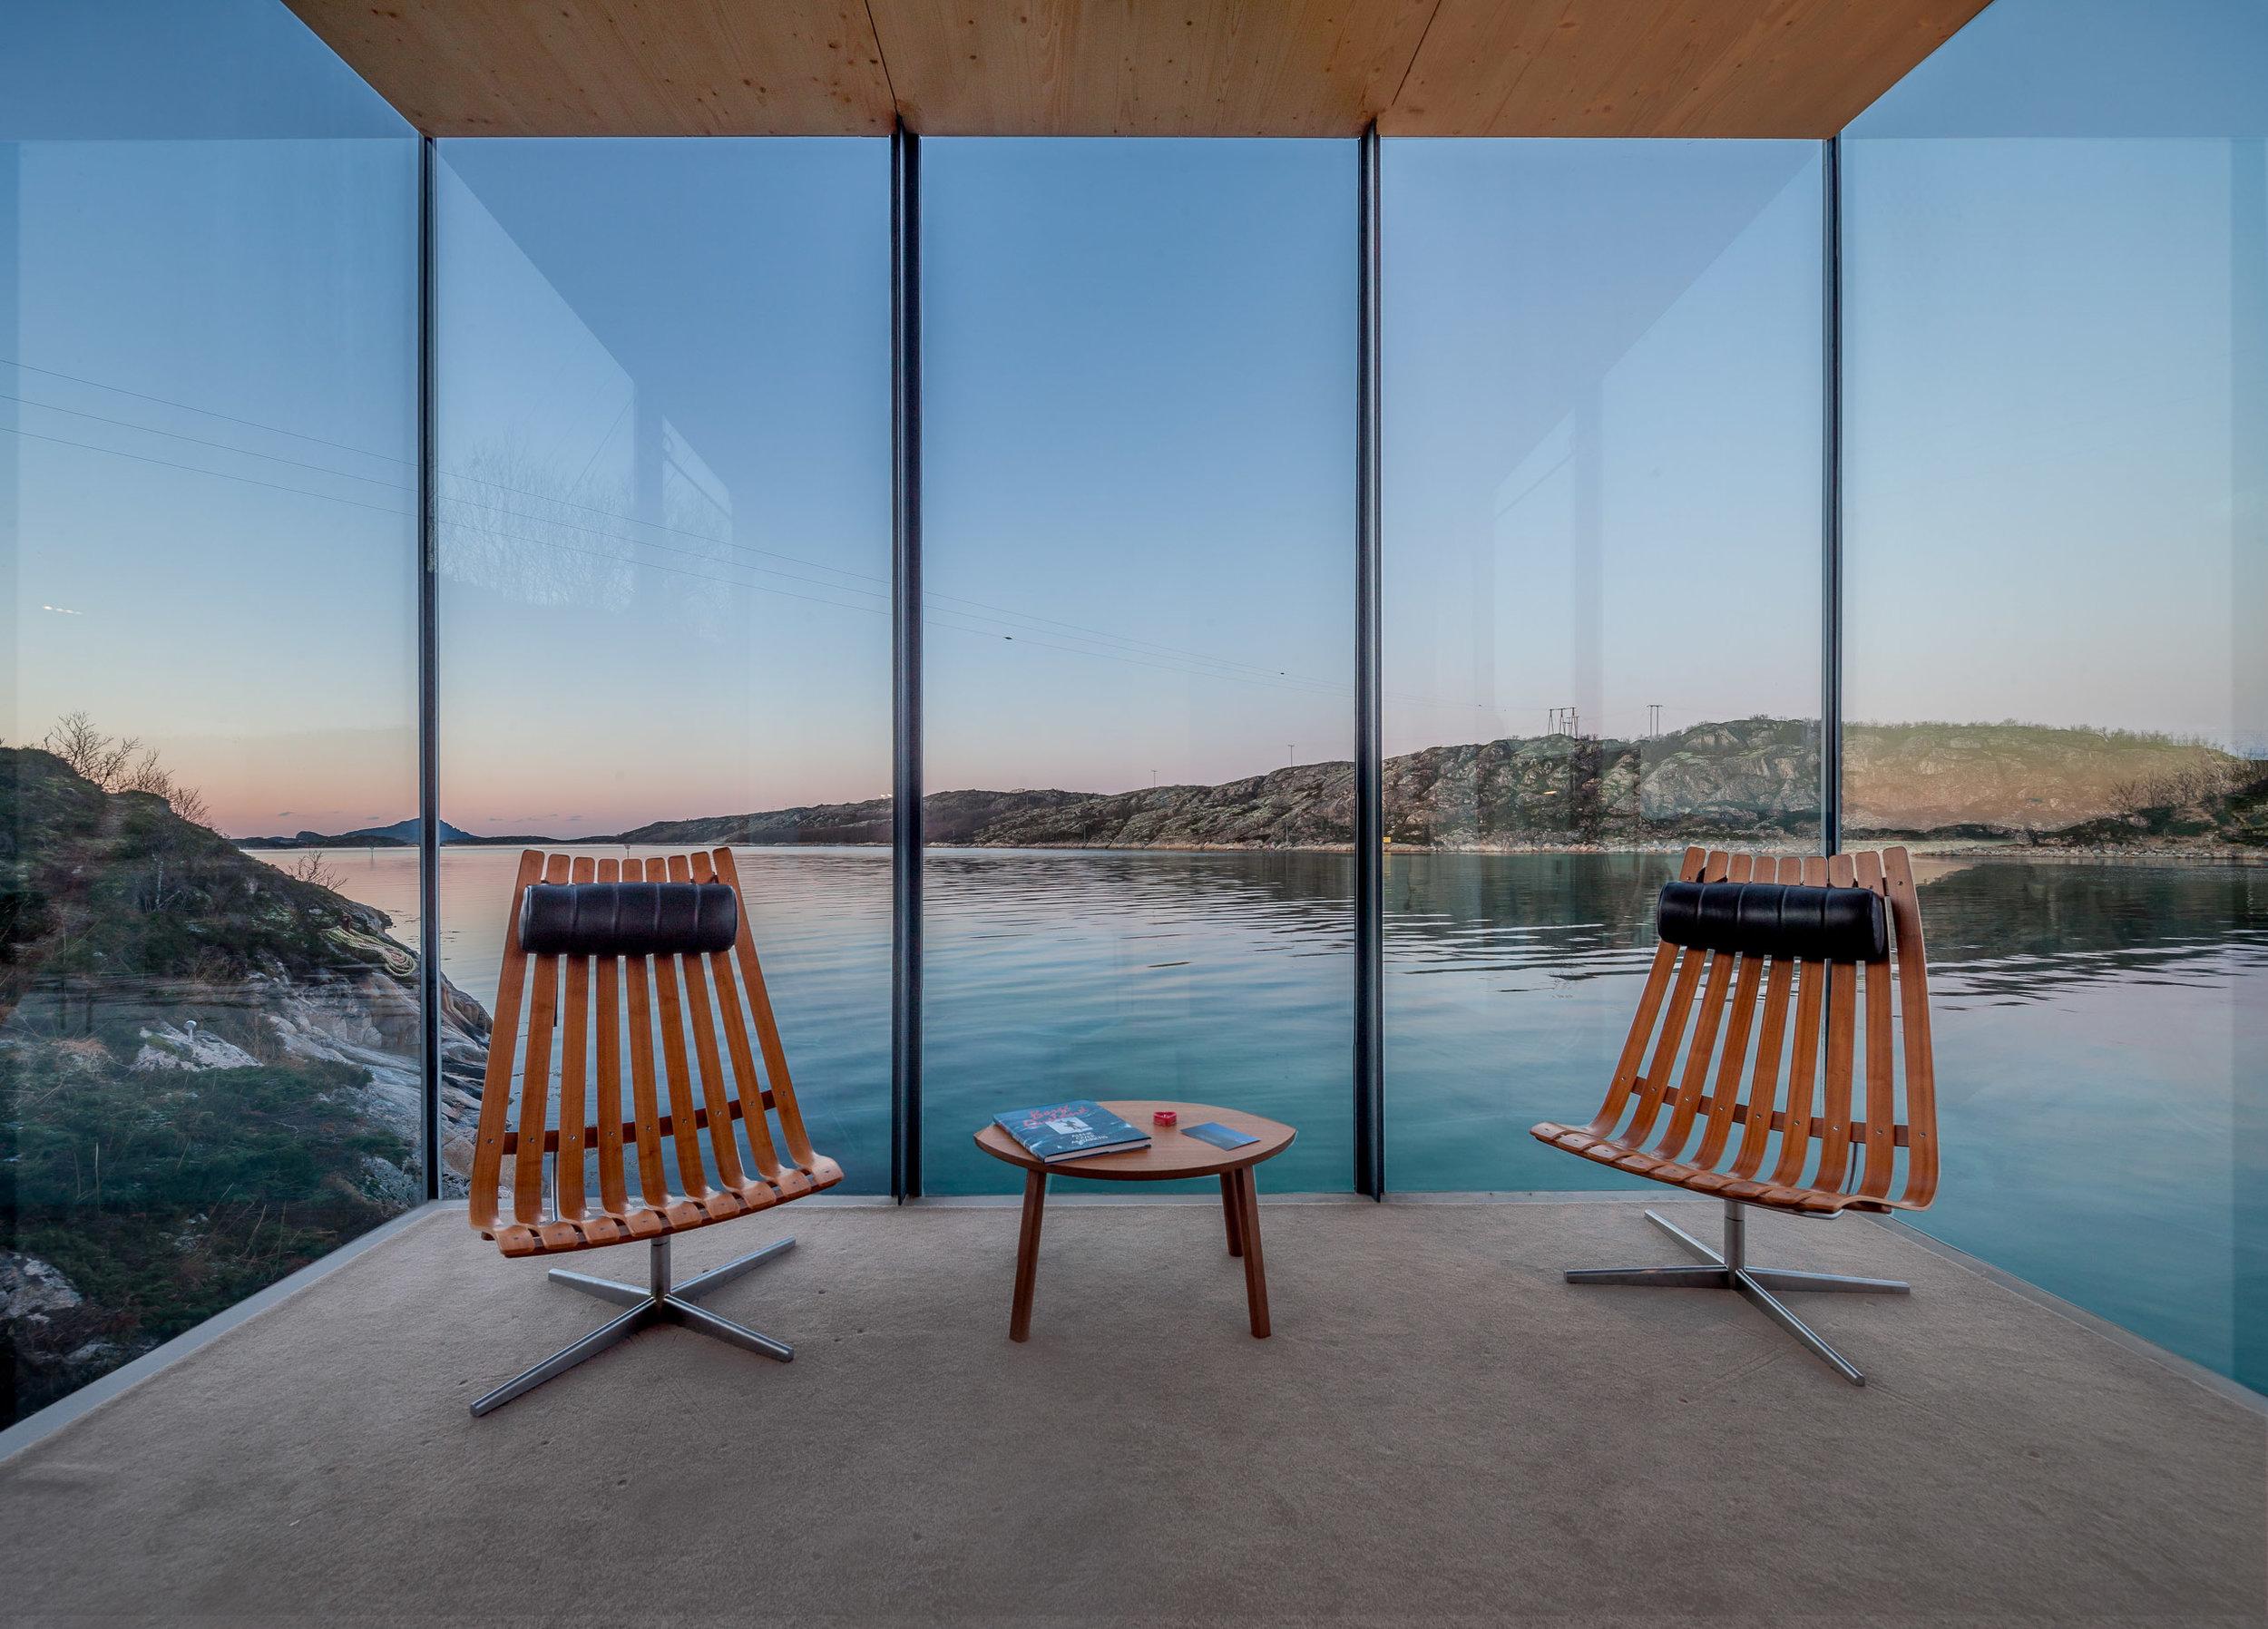 9Manshausen Island ResortInterior Glass Box 2_MG_6828.jpg